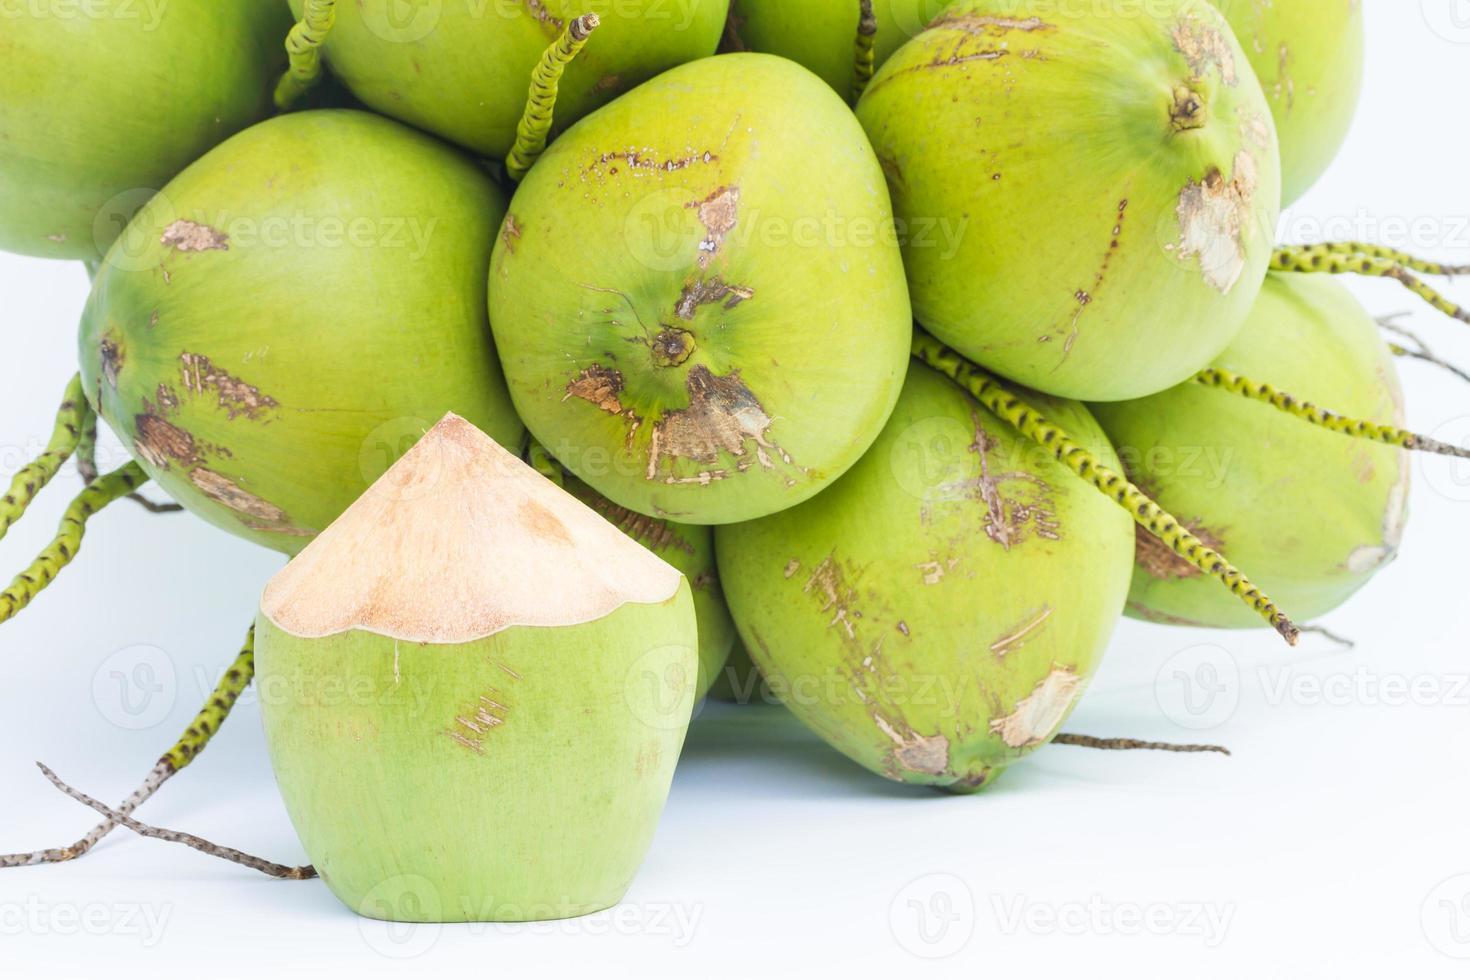 Kokosnussfrüchte zum Wassertrinken foto